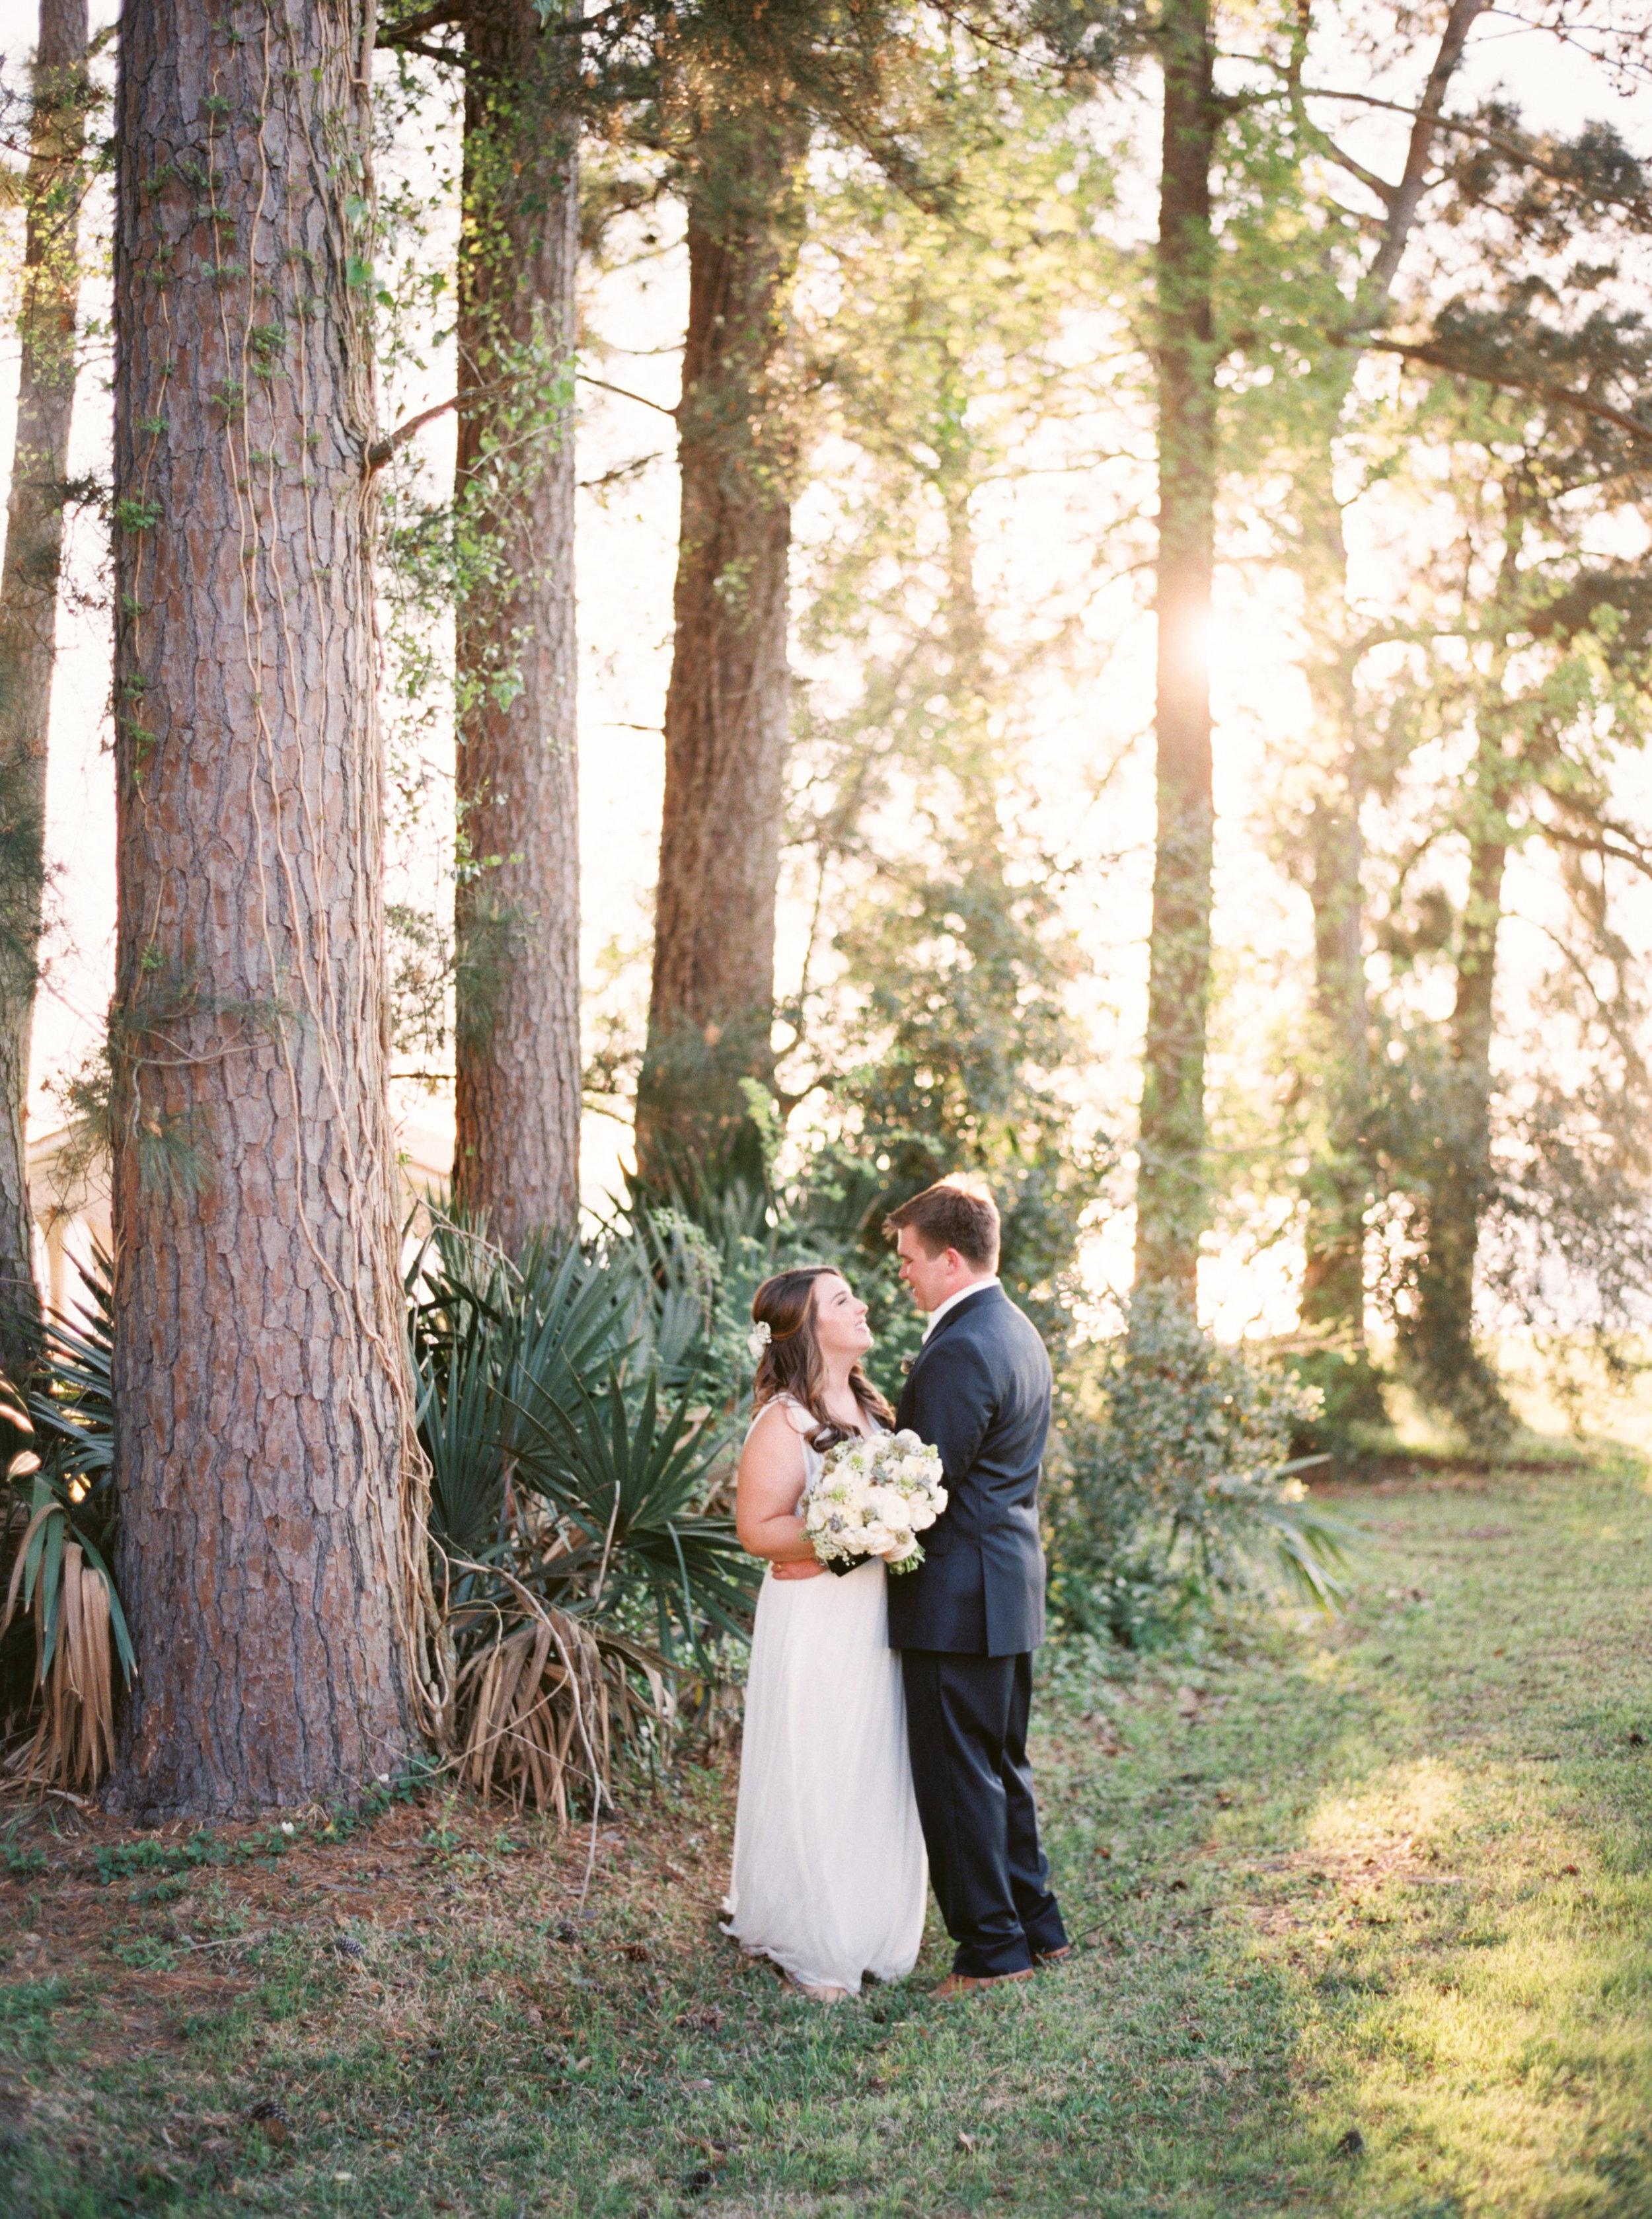 backyard wedding, lake wedding, houston wedding photographer, georgia wedding photographer, southeast wedding photographer, destination wedding photographer, film wedding photographer